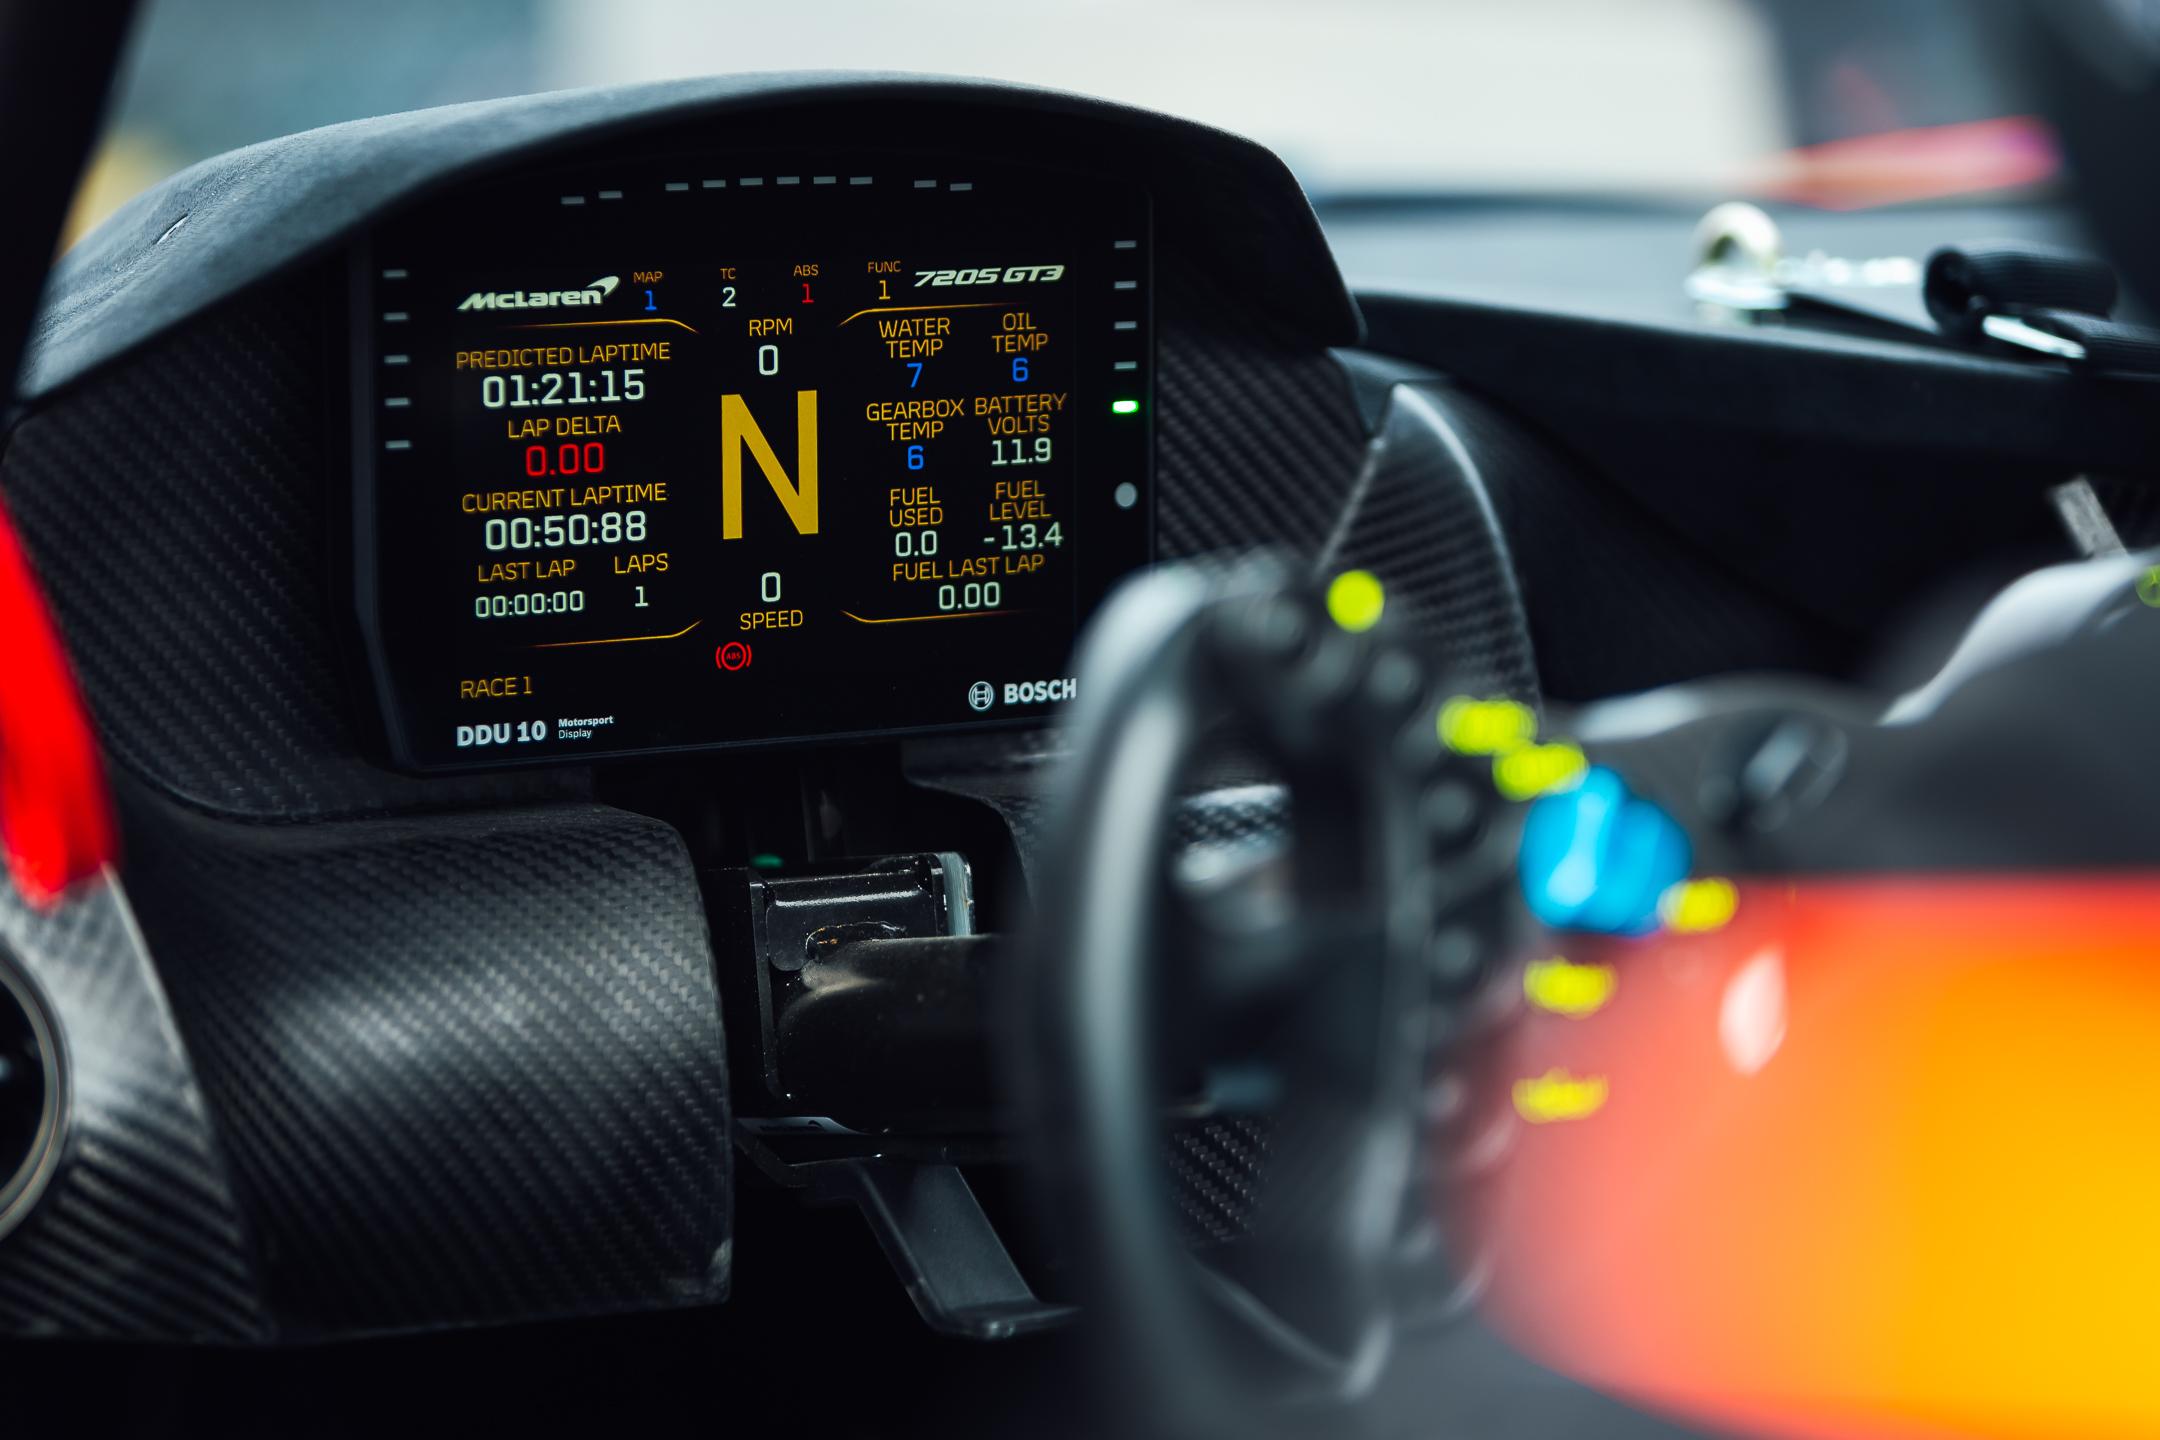 McLaren 720S GT3 - Compass Racing-7863.jpg